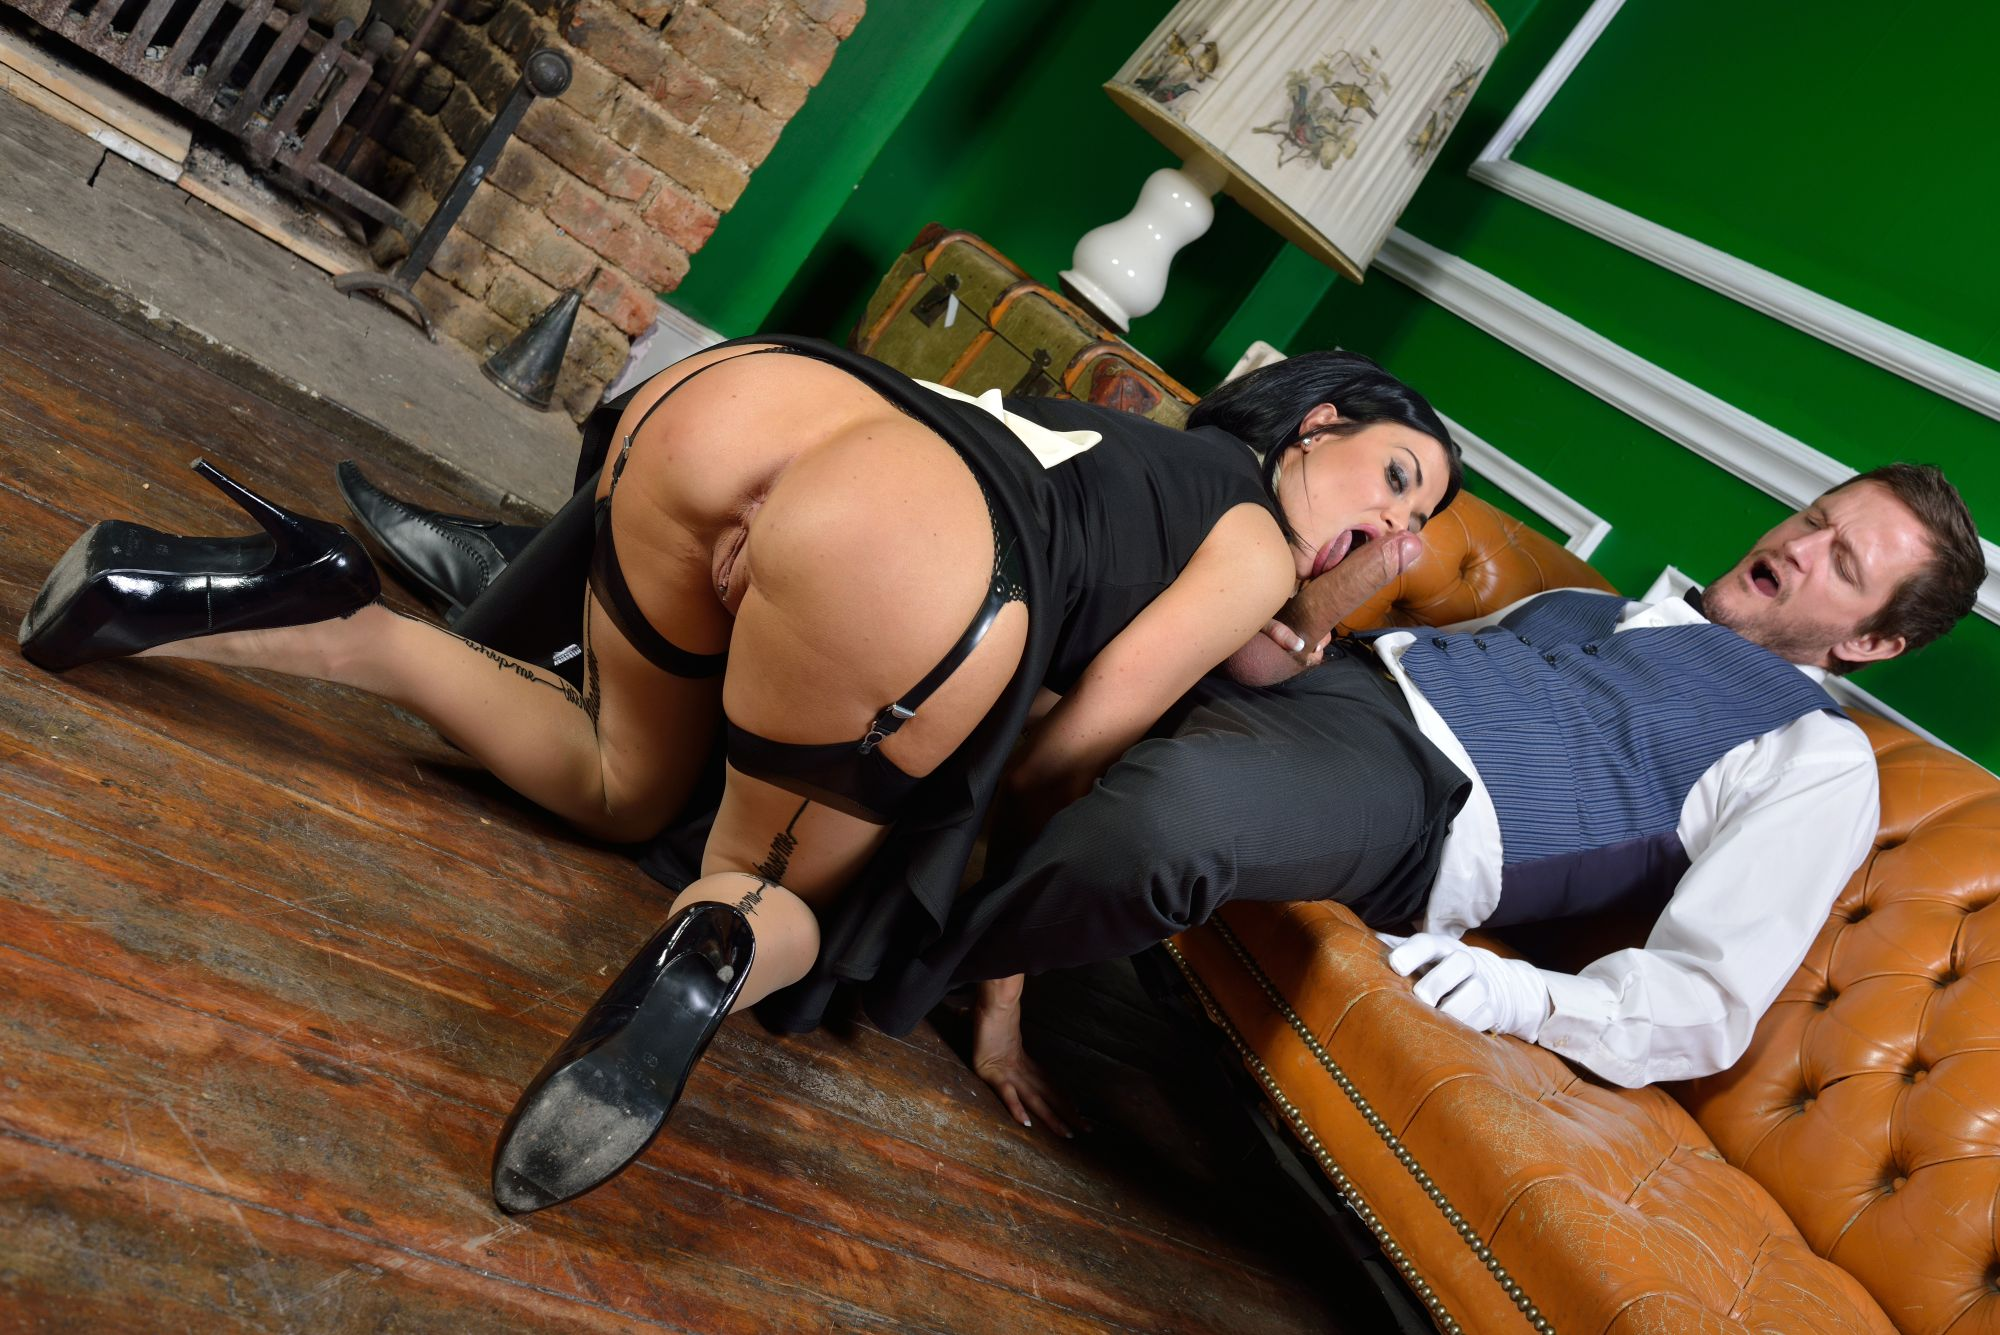 Служанки порно hd 720, Служанка - Порно видео ролики смотреть онлайн 5 фотография